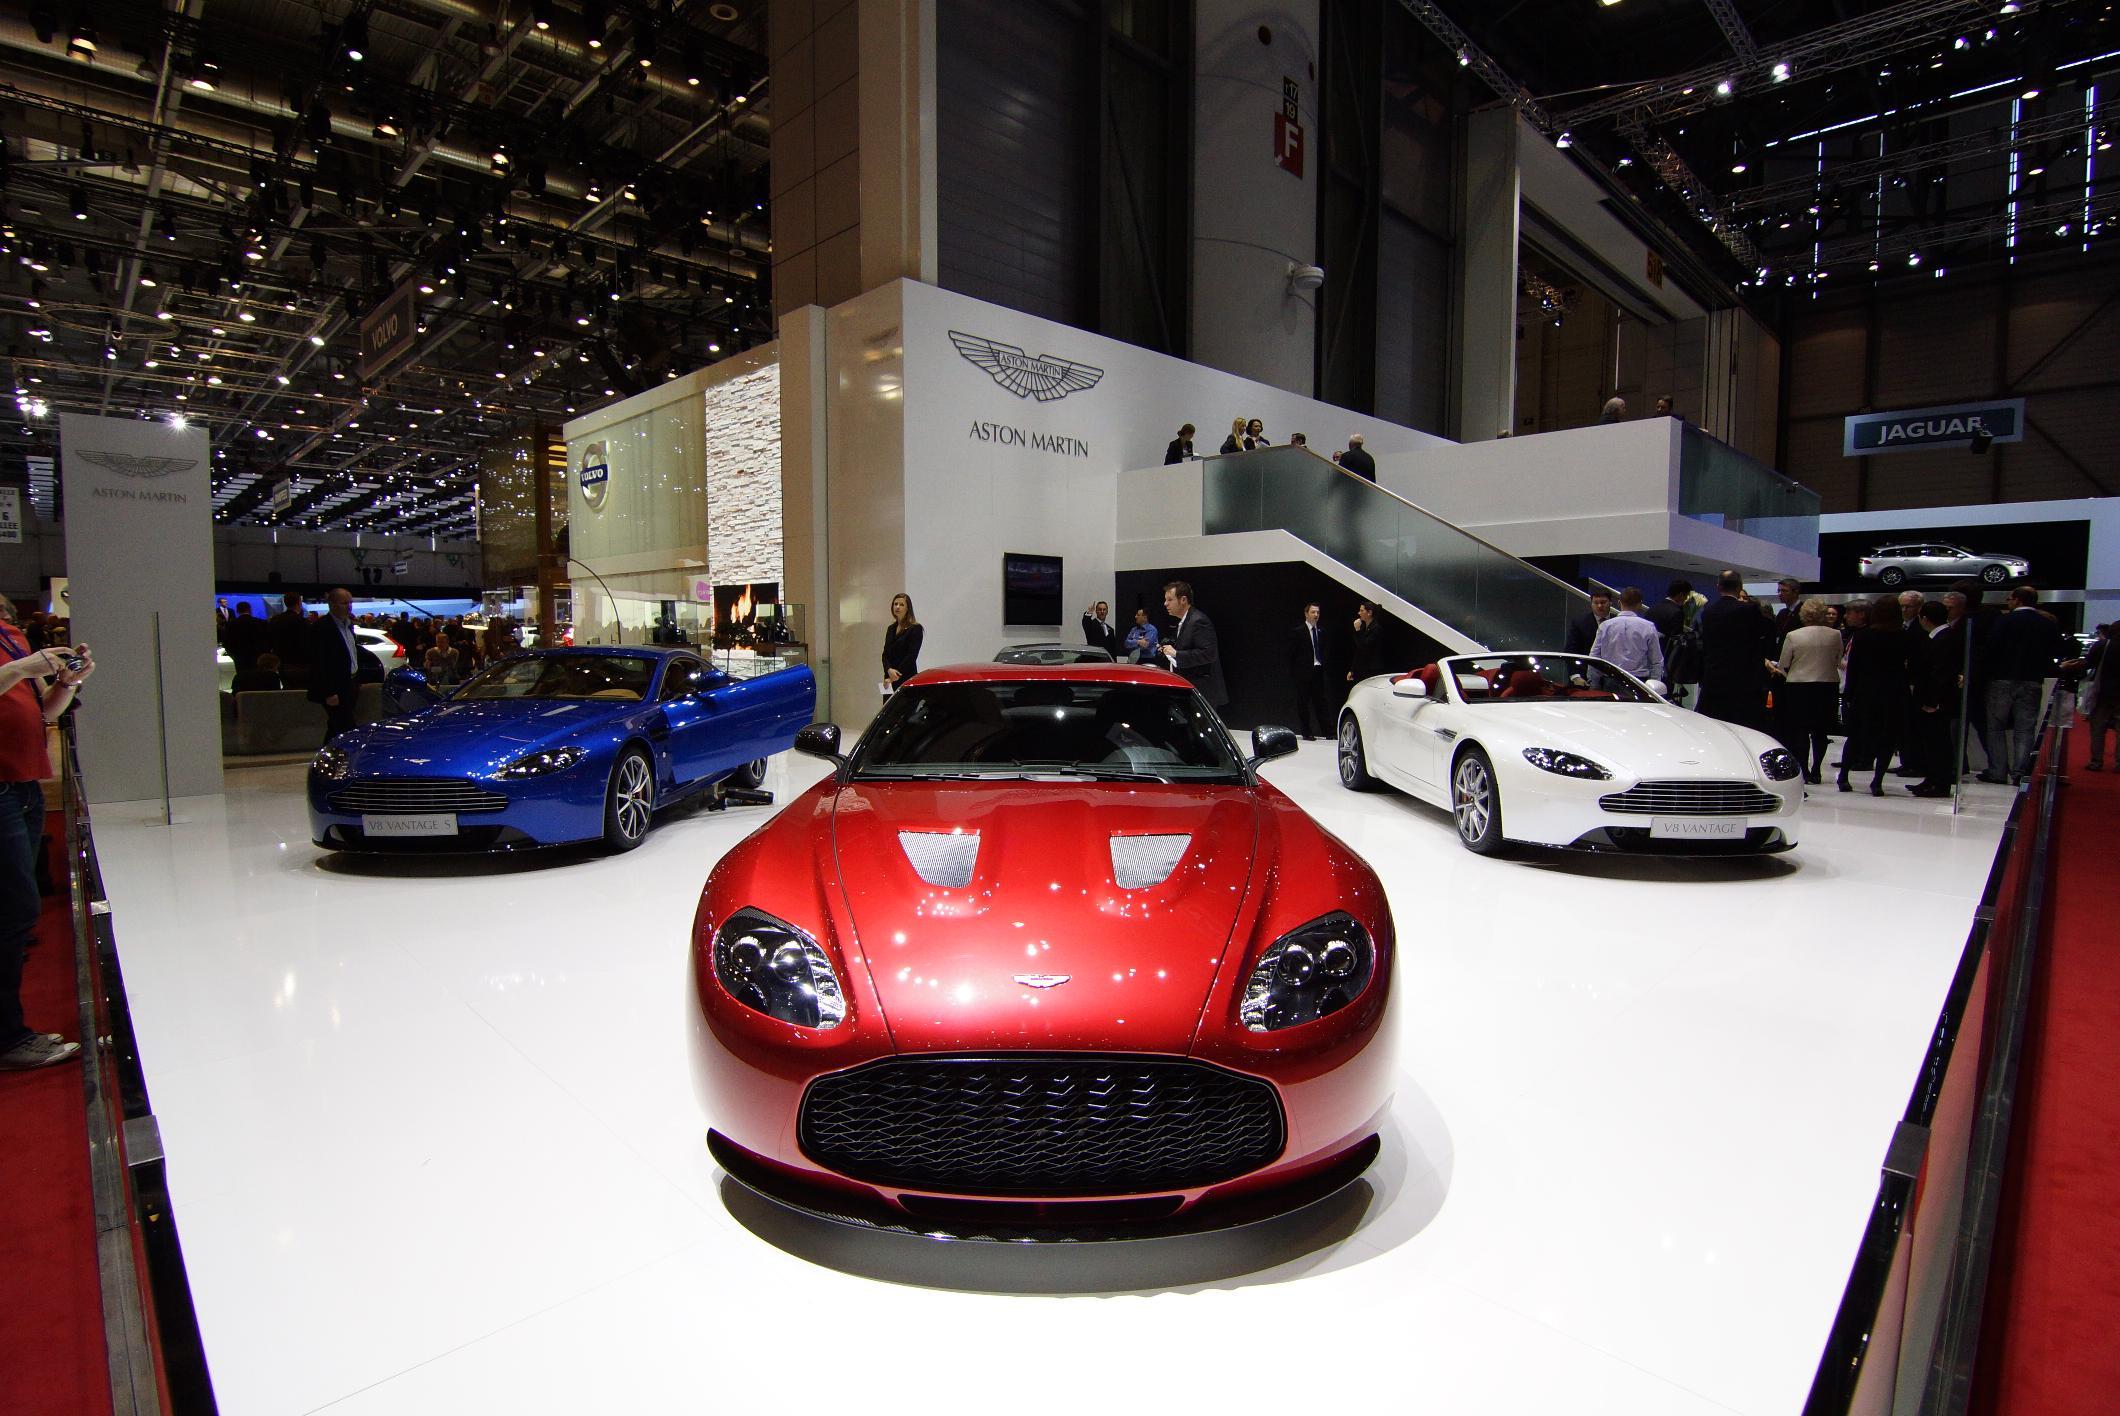 Aston Martin V12 Zagato Geneva 2012 Front 3